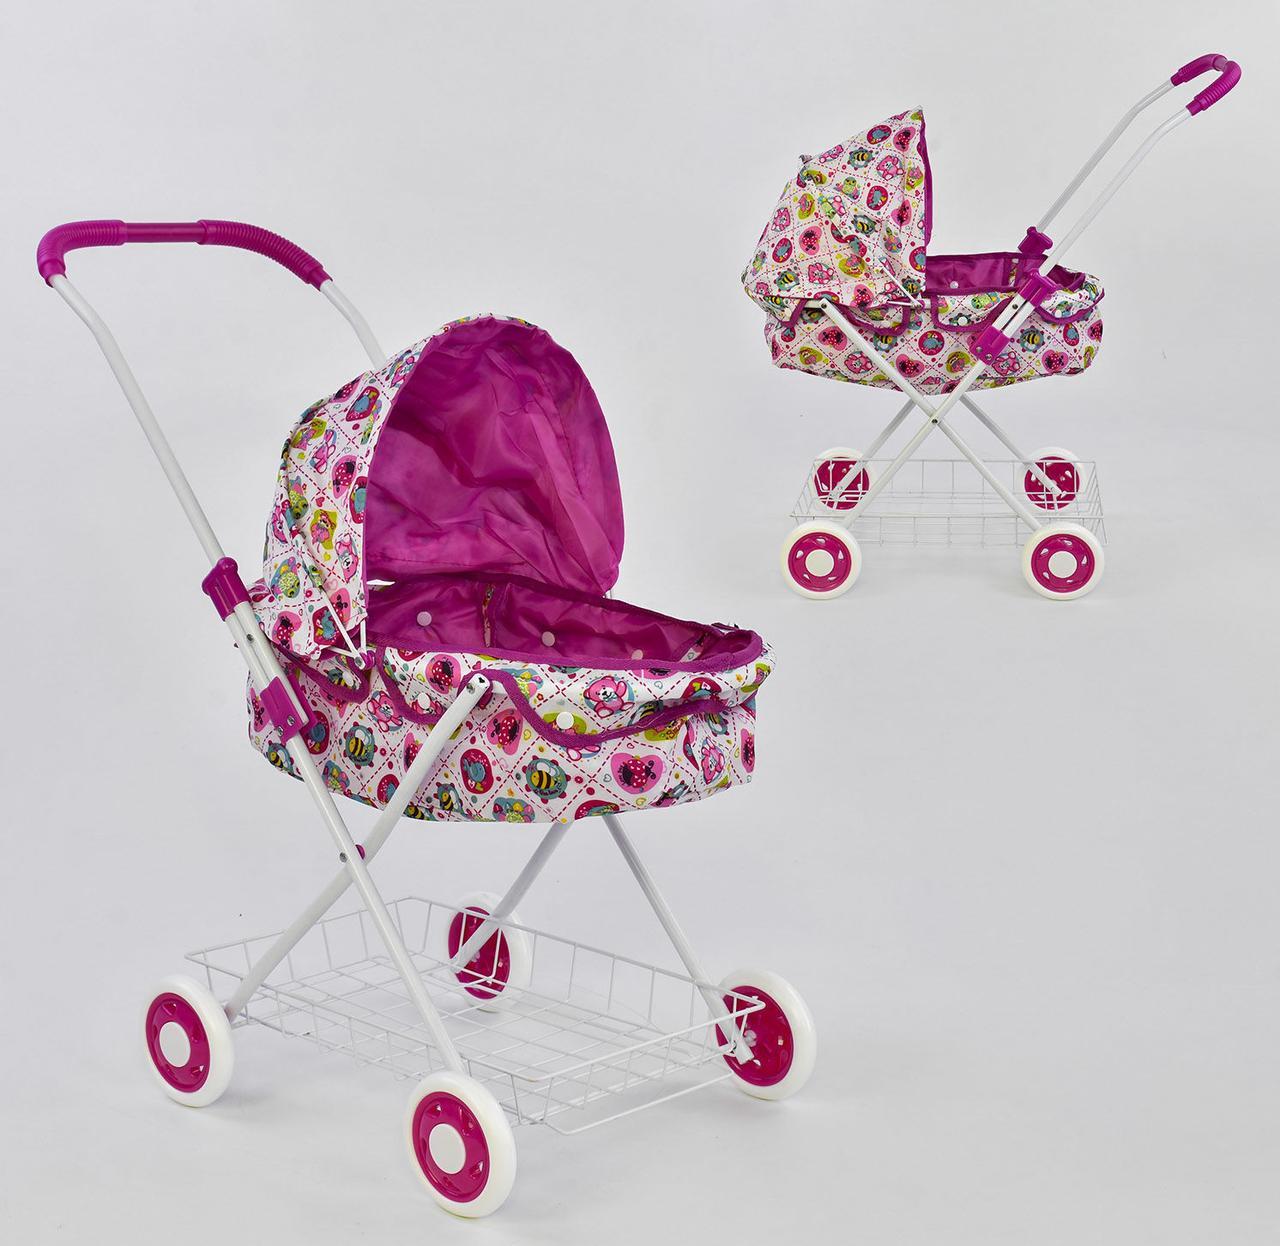 Дитяча коляска для ляльок 8826 N - 448231 (18) сітка металева, в кульку